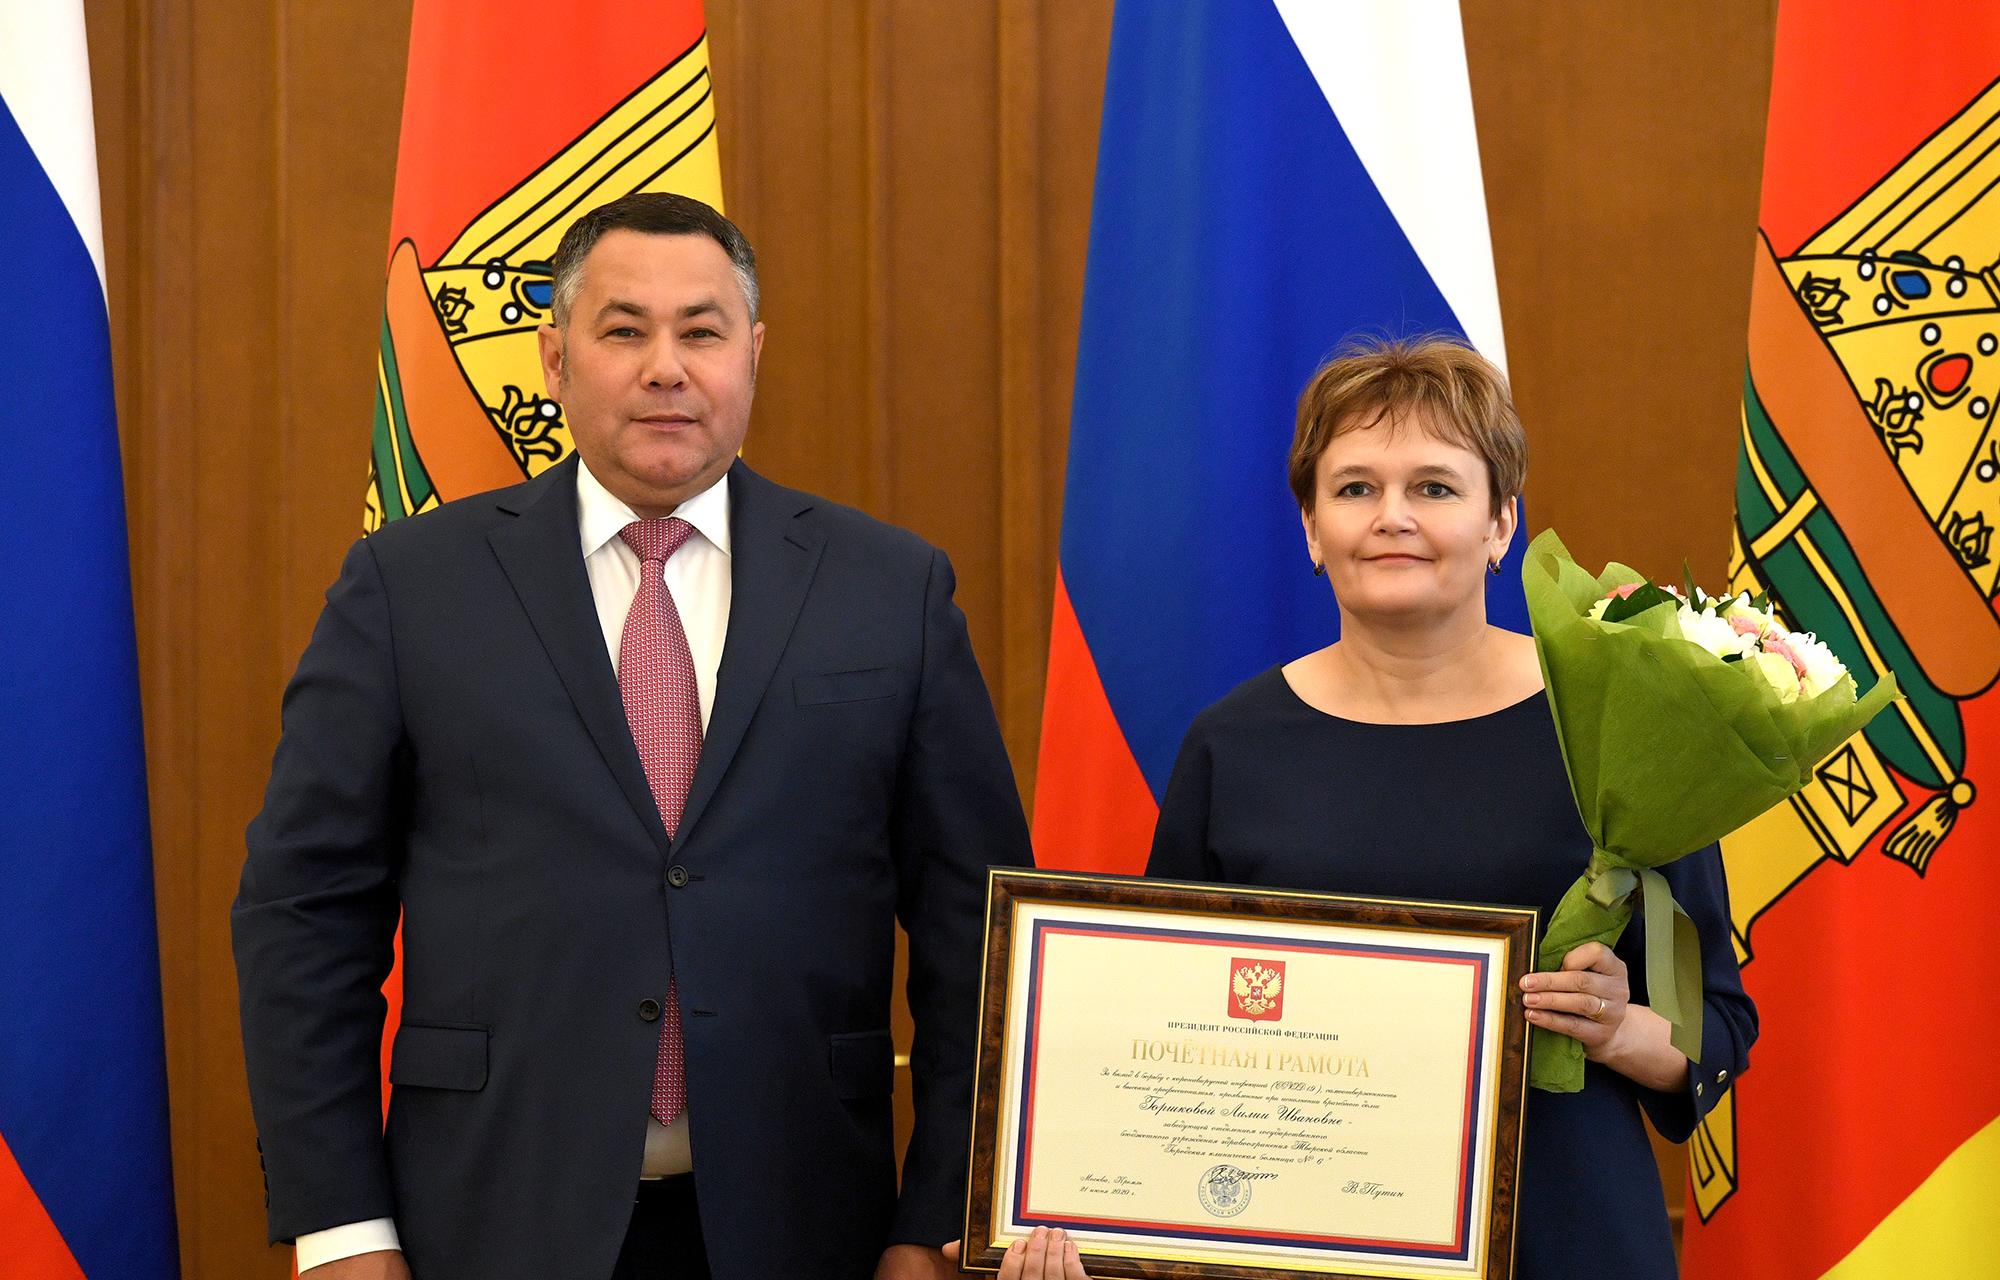 Губернатор Игорь Руденя вручил жителям Тверской области федеральные и региональные награды